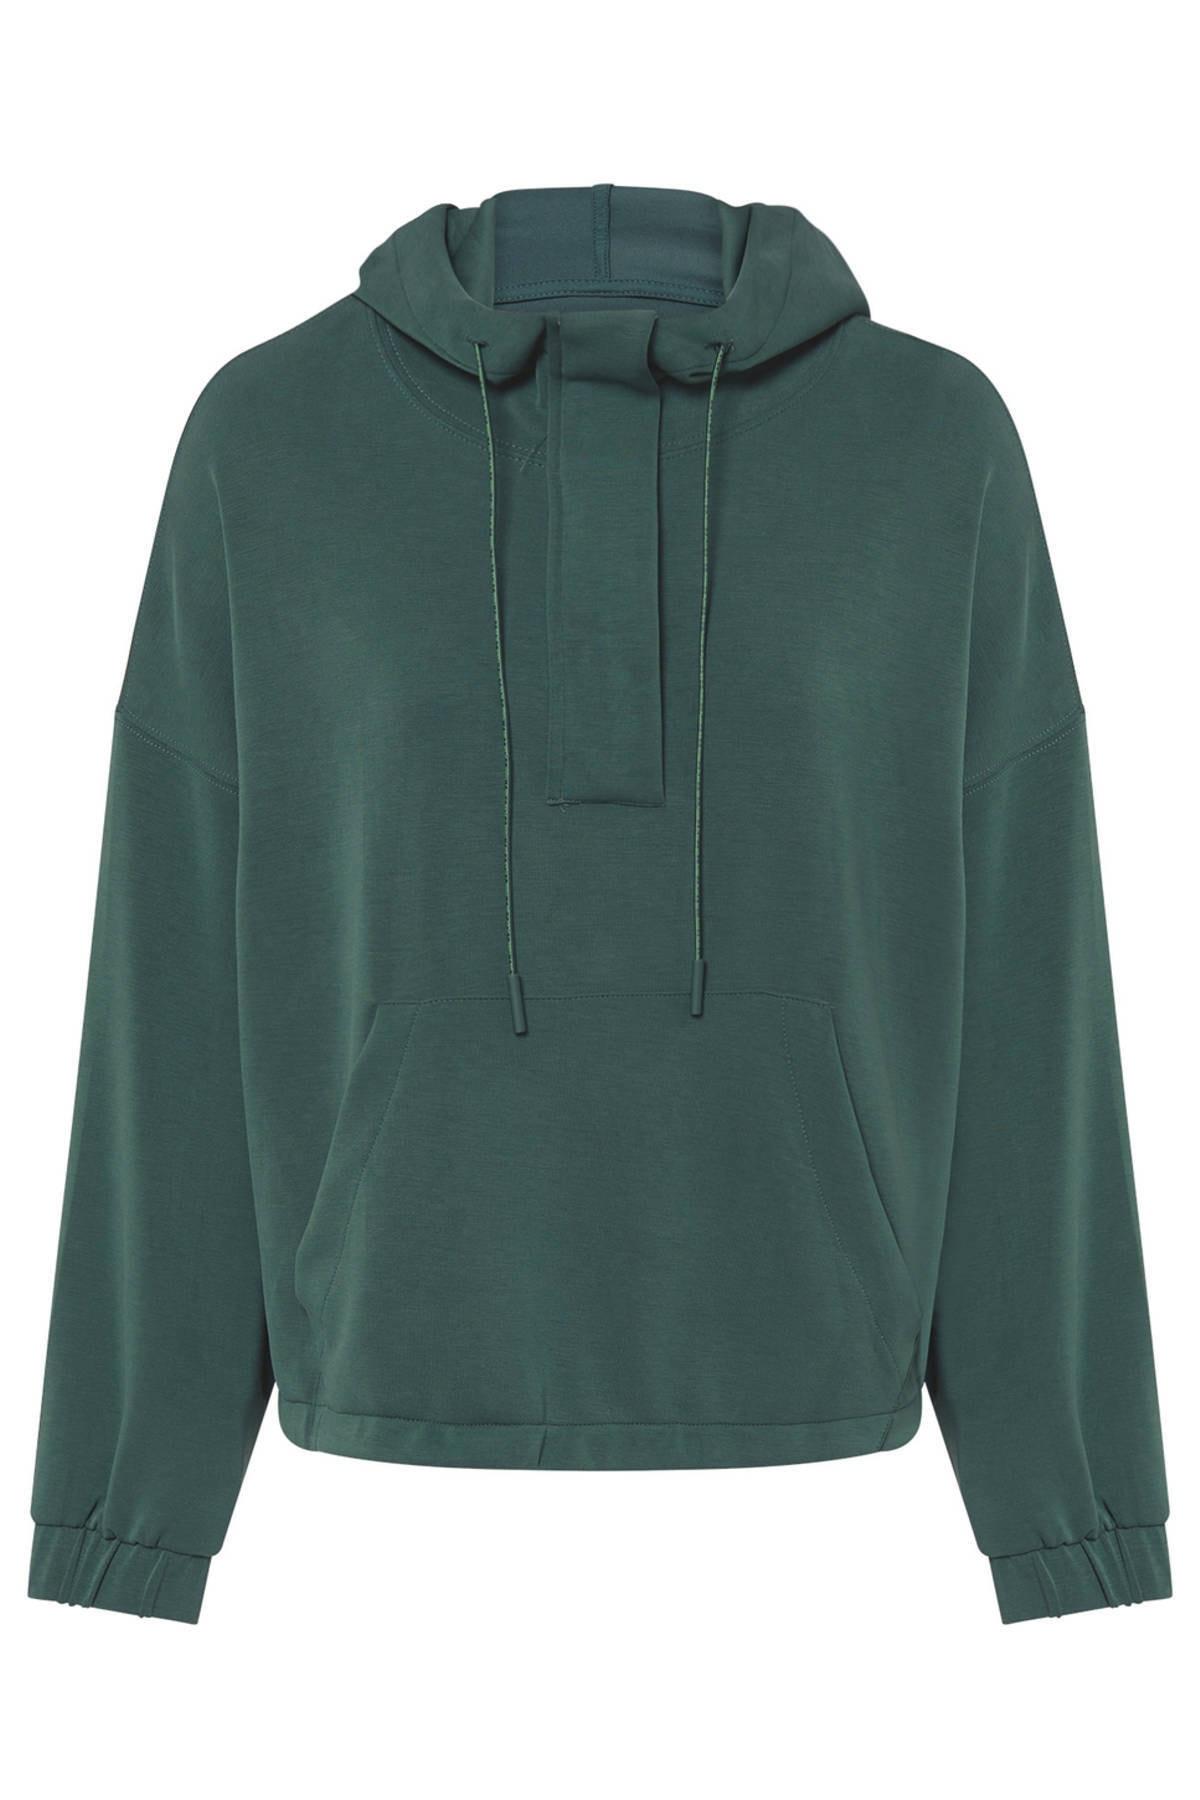 Oysho Kadın Yeşili Önü Büyük Cepli Yumuşak Dokulu Sweatshirt 3